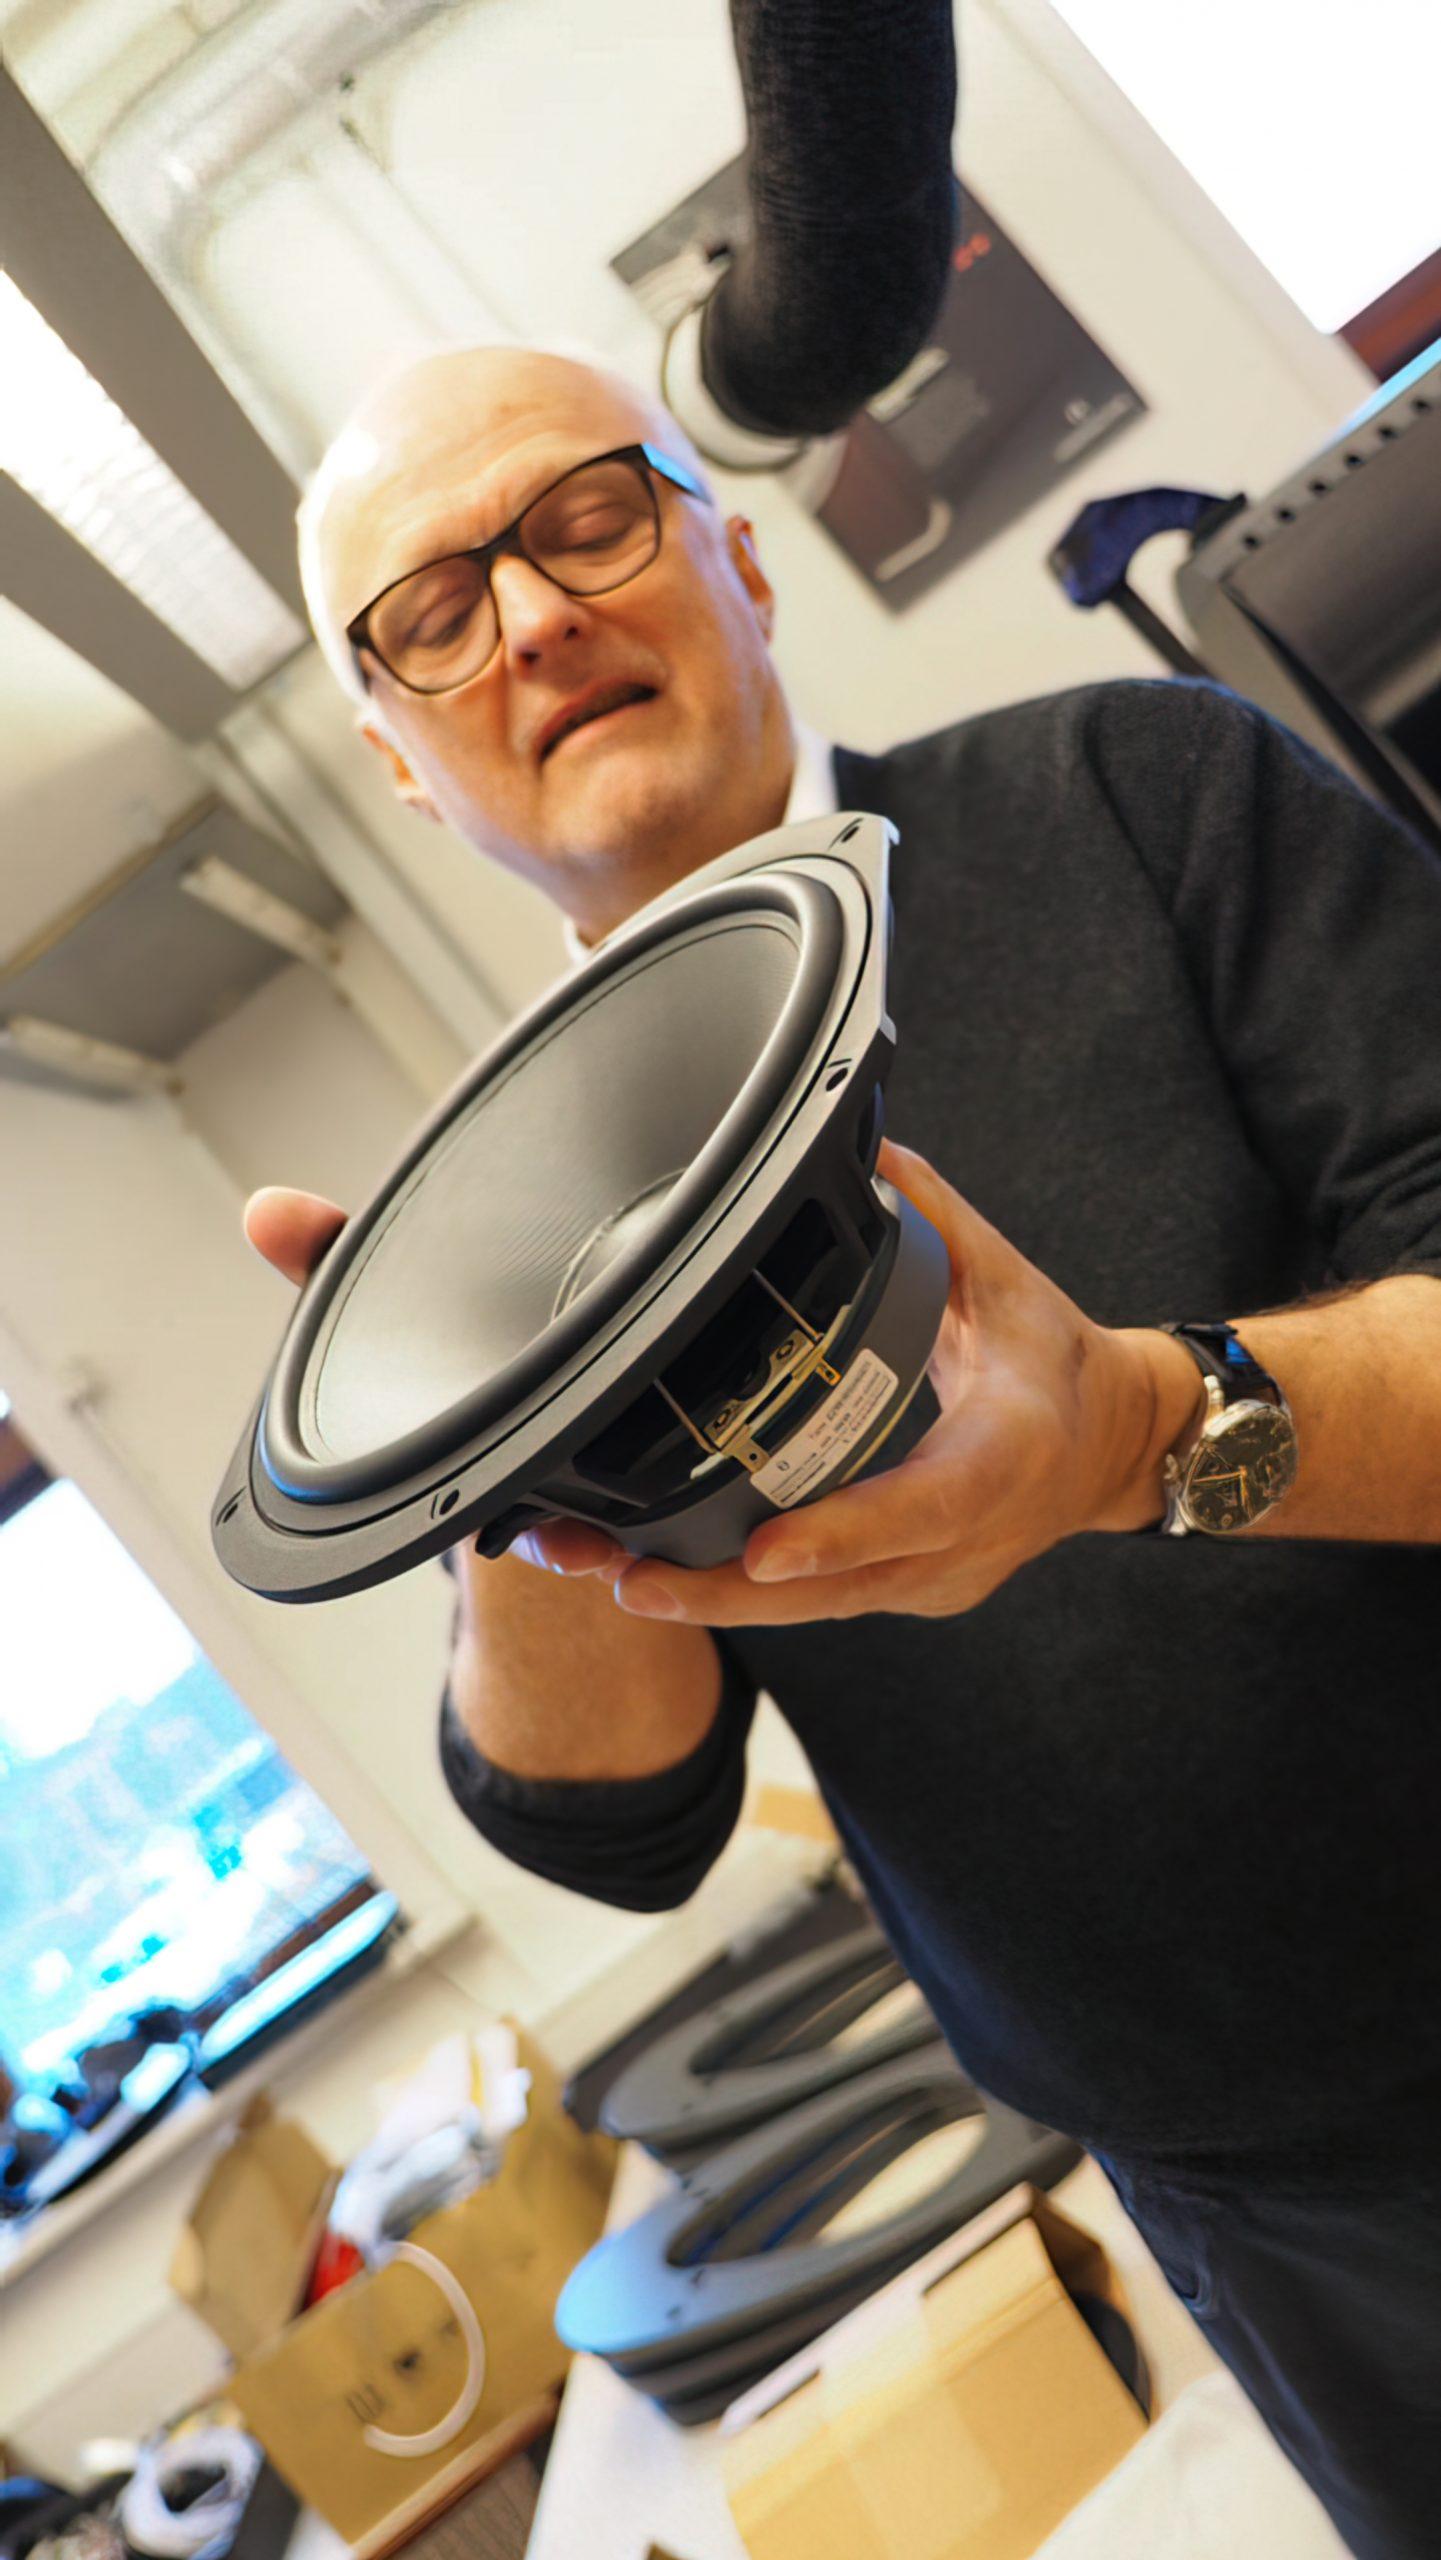 Ole Klifoth Audiovector